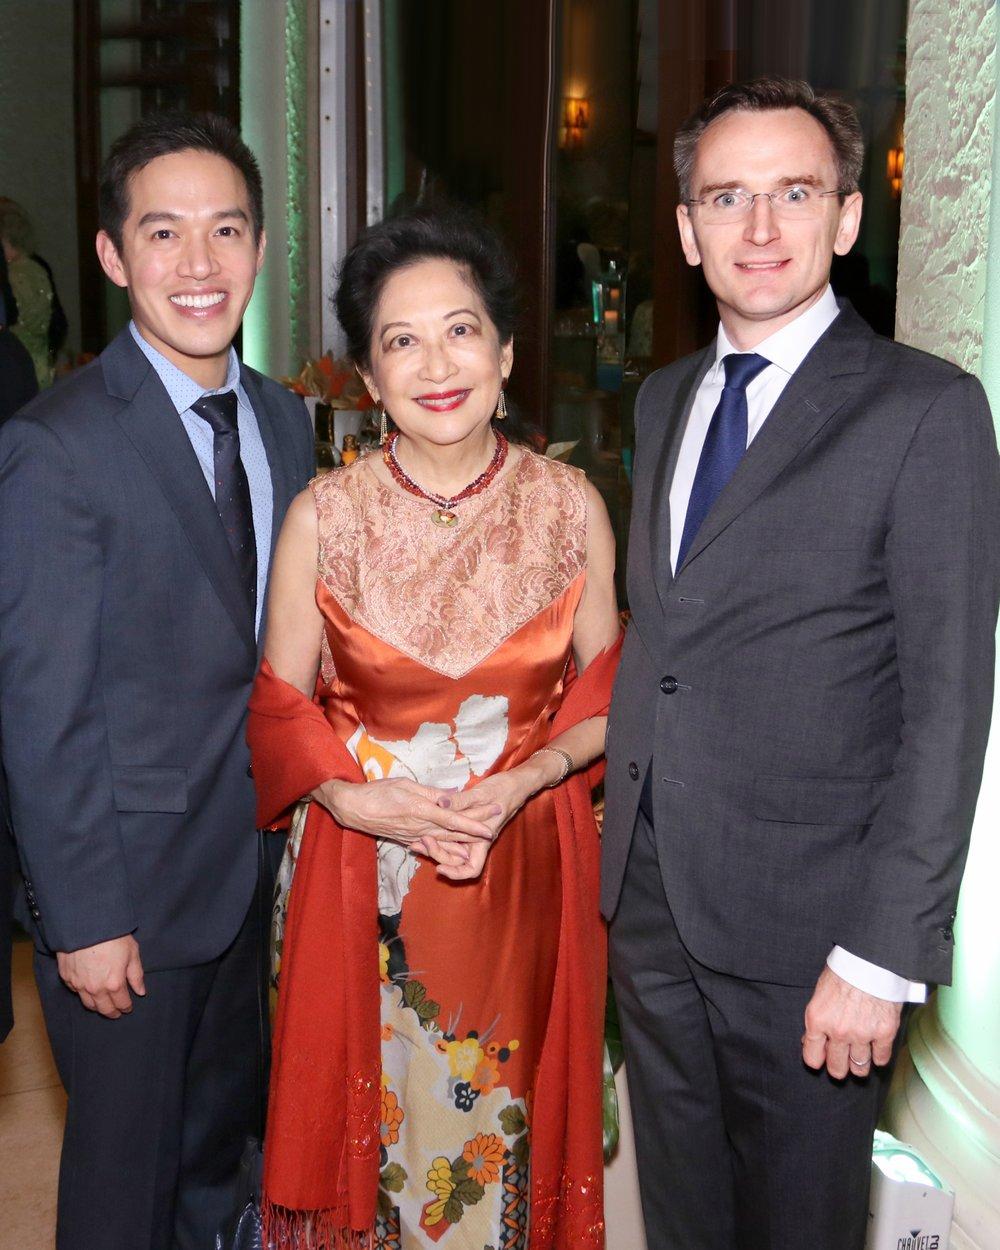 Patricia Lee, Dr. Bradford Lee, Mssr. Clement Leclerc